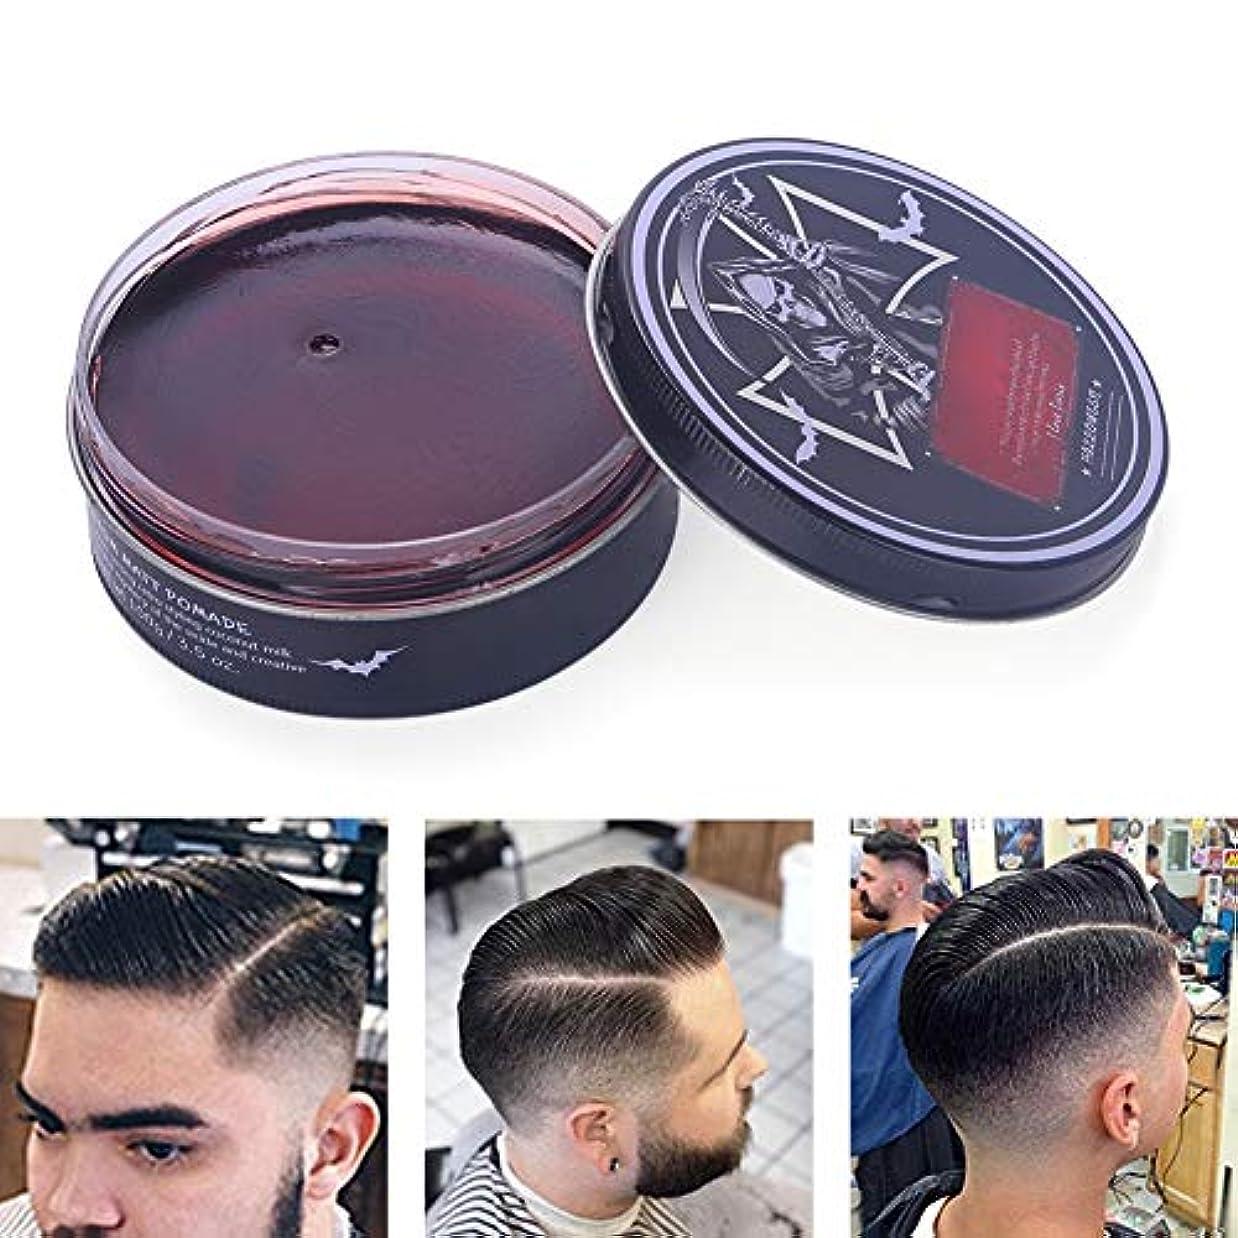 家事迫害温度計プロのヘアスタイリング100ミリリットルを設計するための男性のためのヘアスタイリングワックス、ナチュラルおよび有機成分ヘアスタイリング粘土